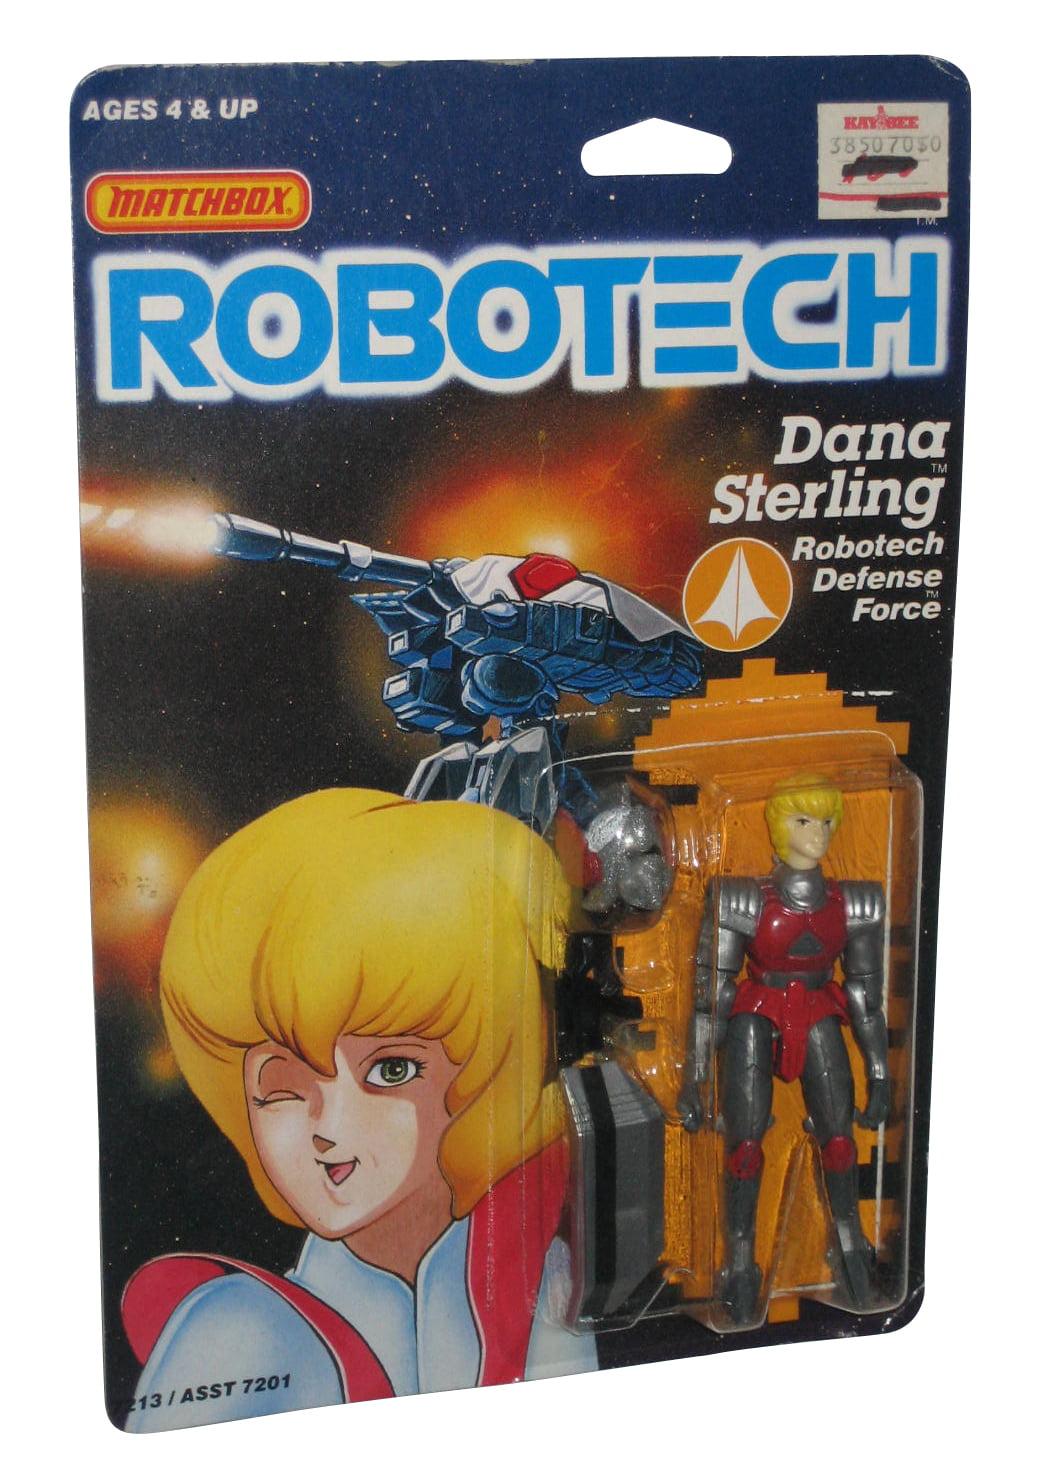 Robotech Dana Sterling Defense Force (1985) Matchbox 3.75 Inch Figure by Matchbox